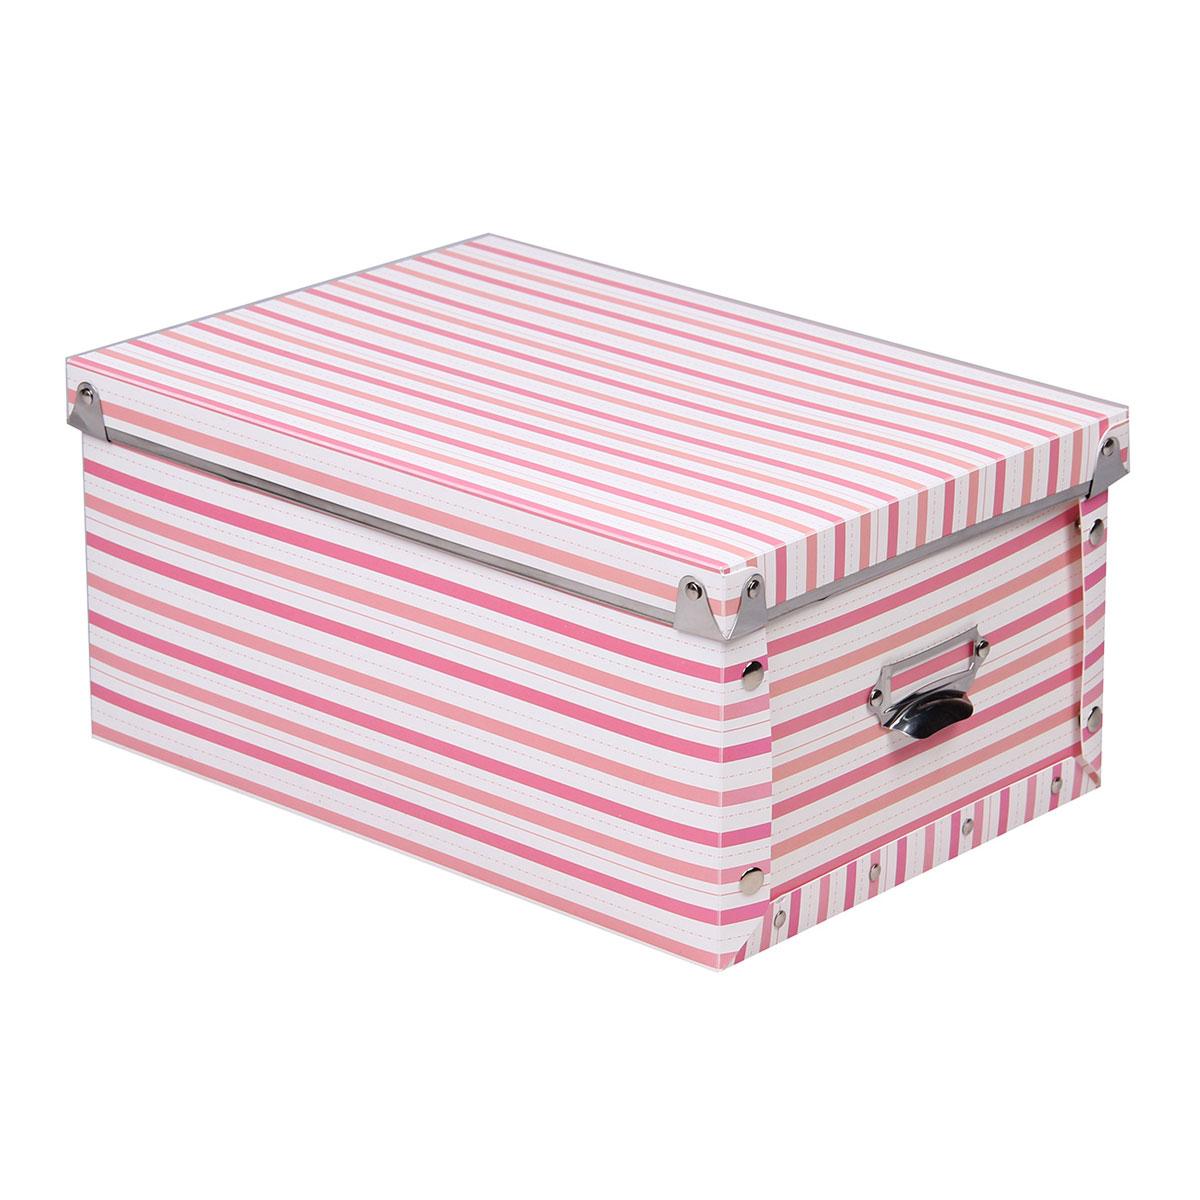 Короб для xранения Miolla, 31,5 x 22,5 x 16 см. SBС-03 кофр для хранения miolla 38 x 25 x 56 см